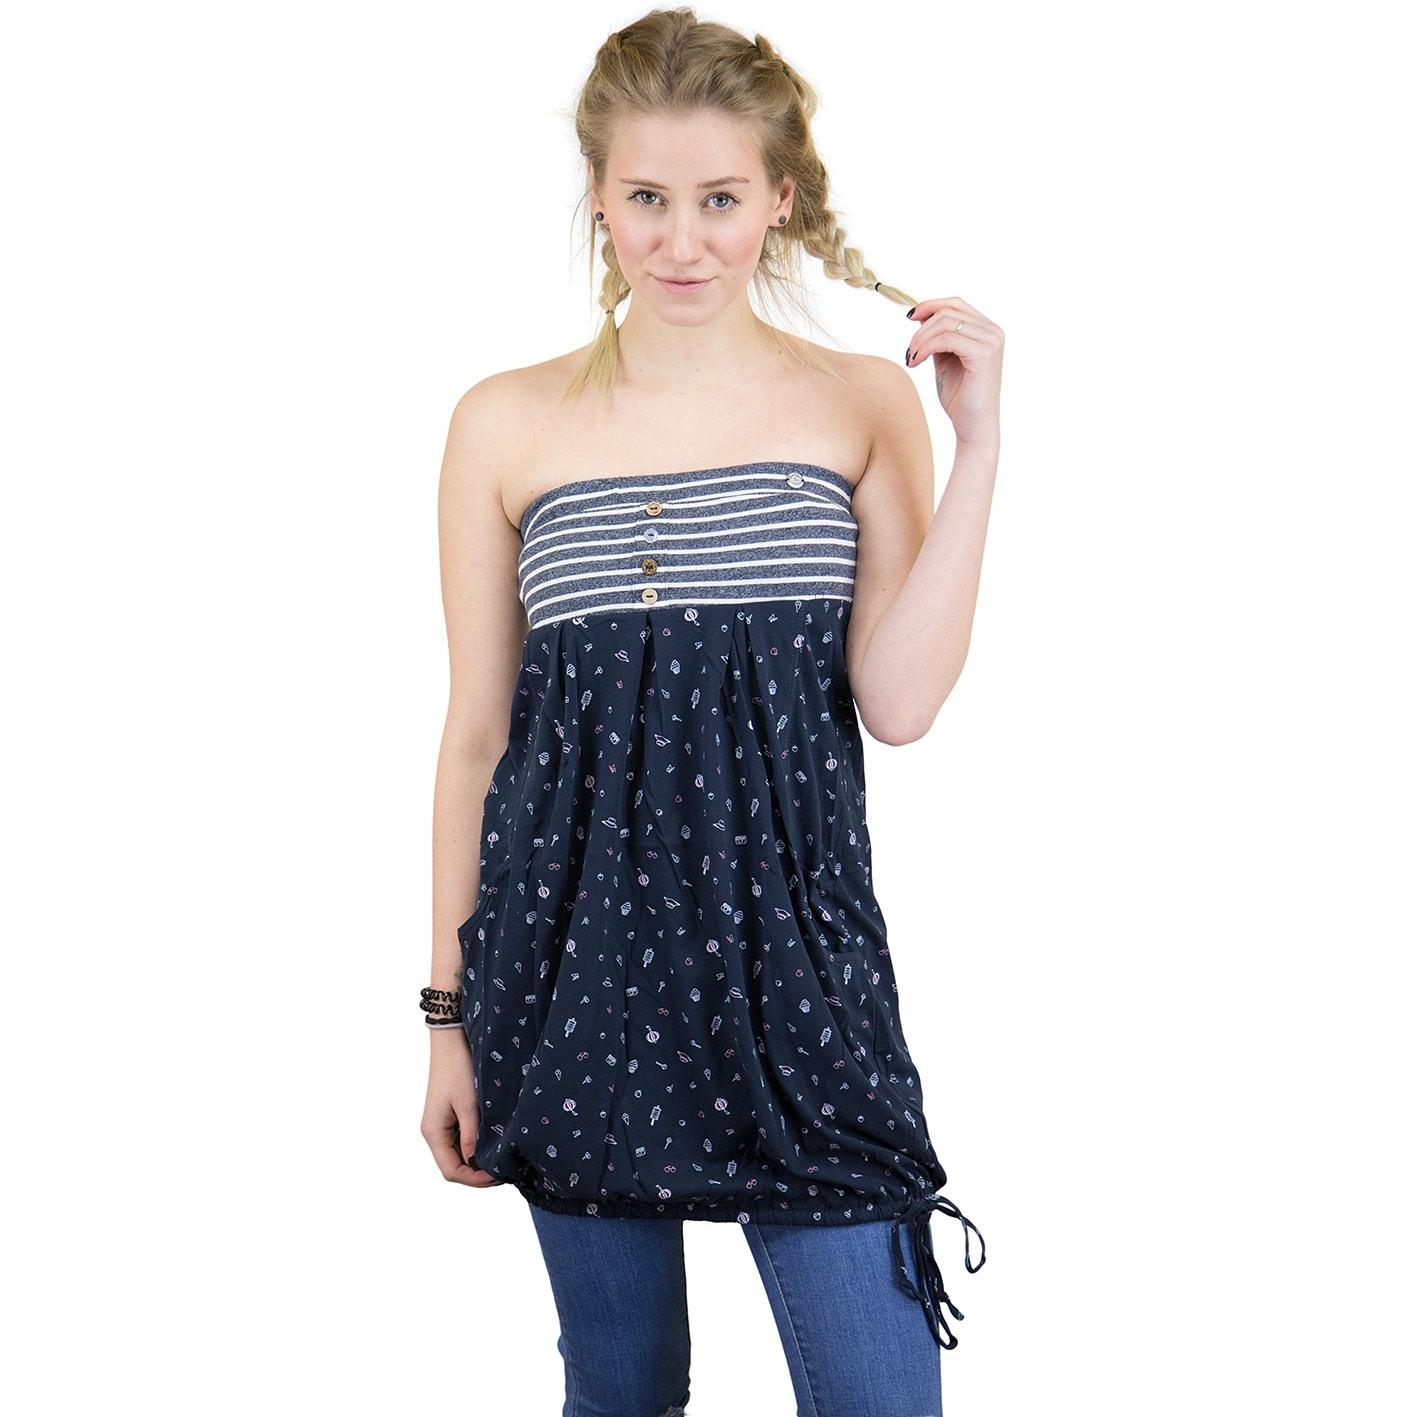 Abend Kreativ Kleid Dunkelblau Vertrieb10 Ausgezeichnet Kleid Dunkelblau Spezialgebiet